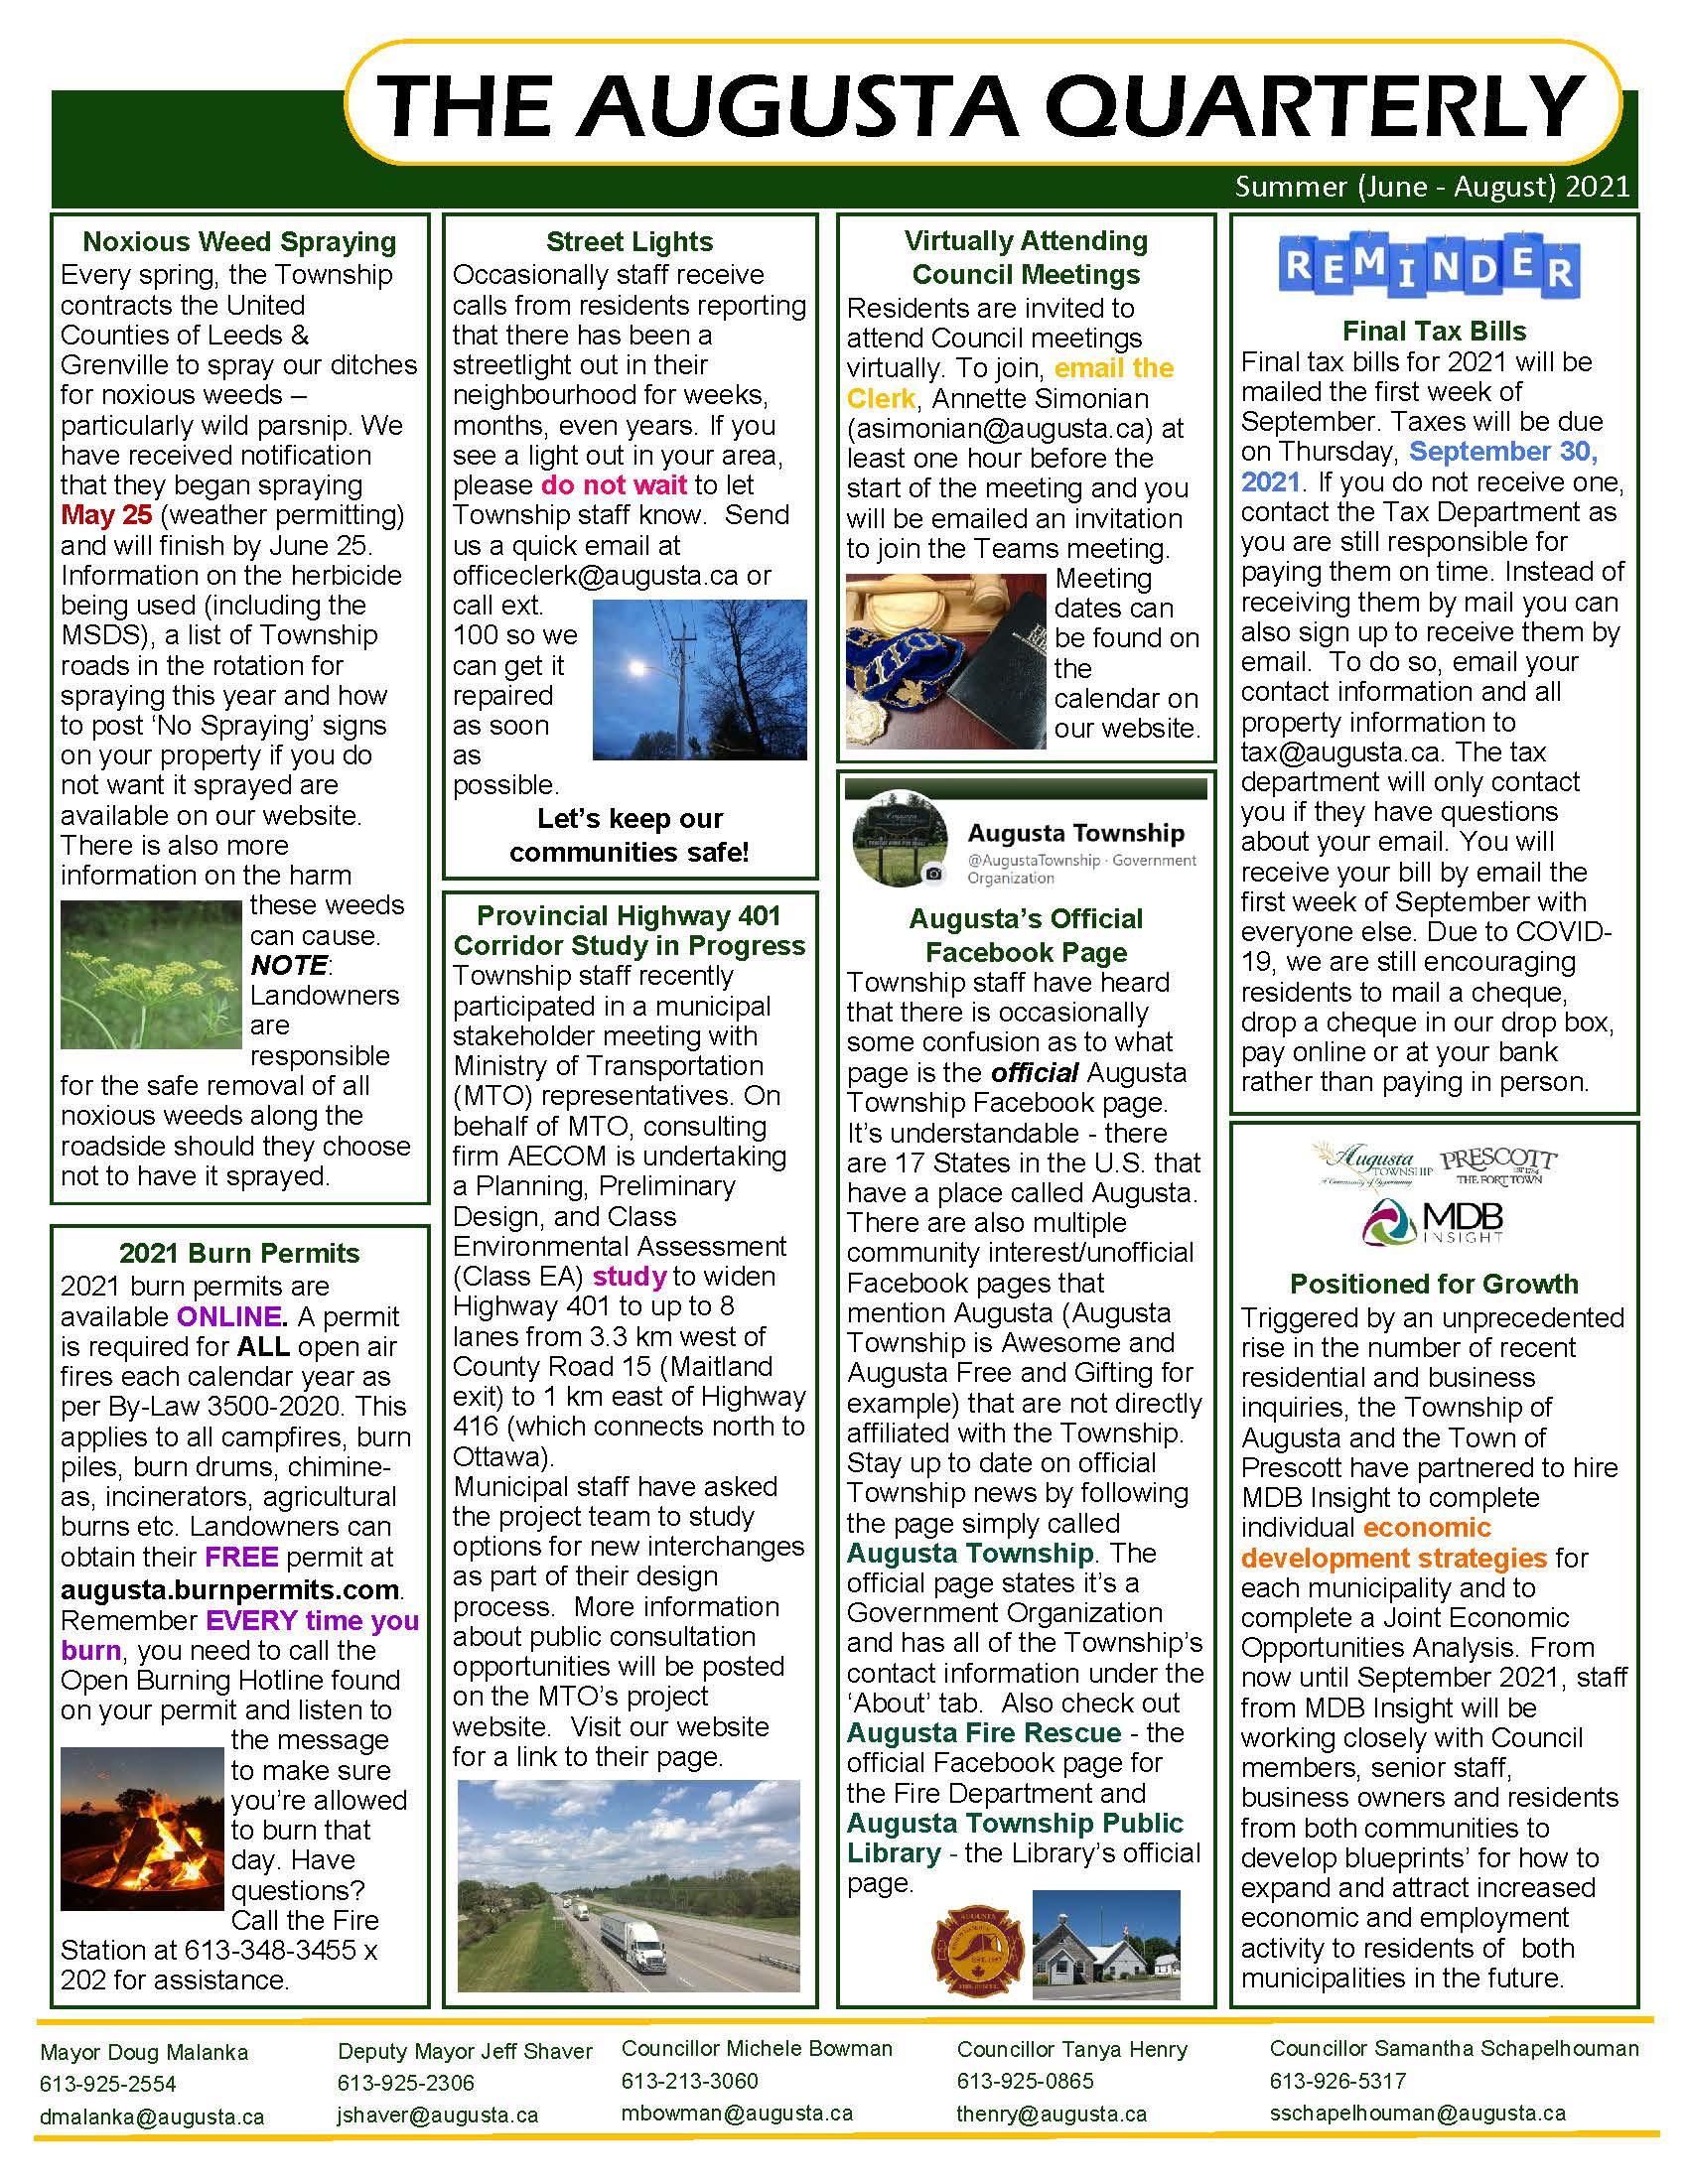 Page 2 summer 2021 augusta quarterly newsletter